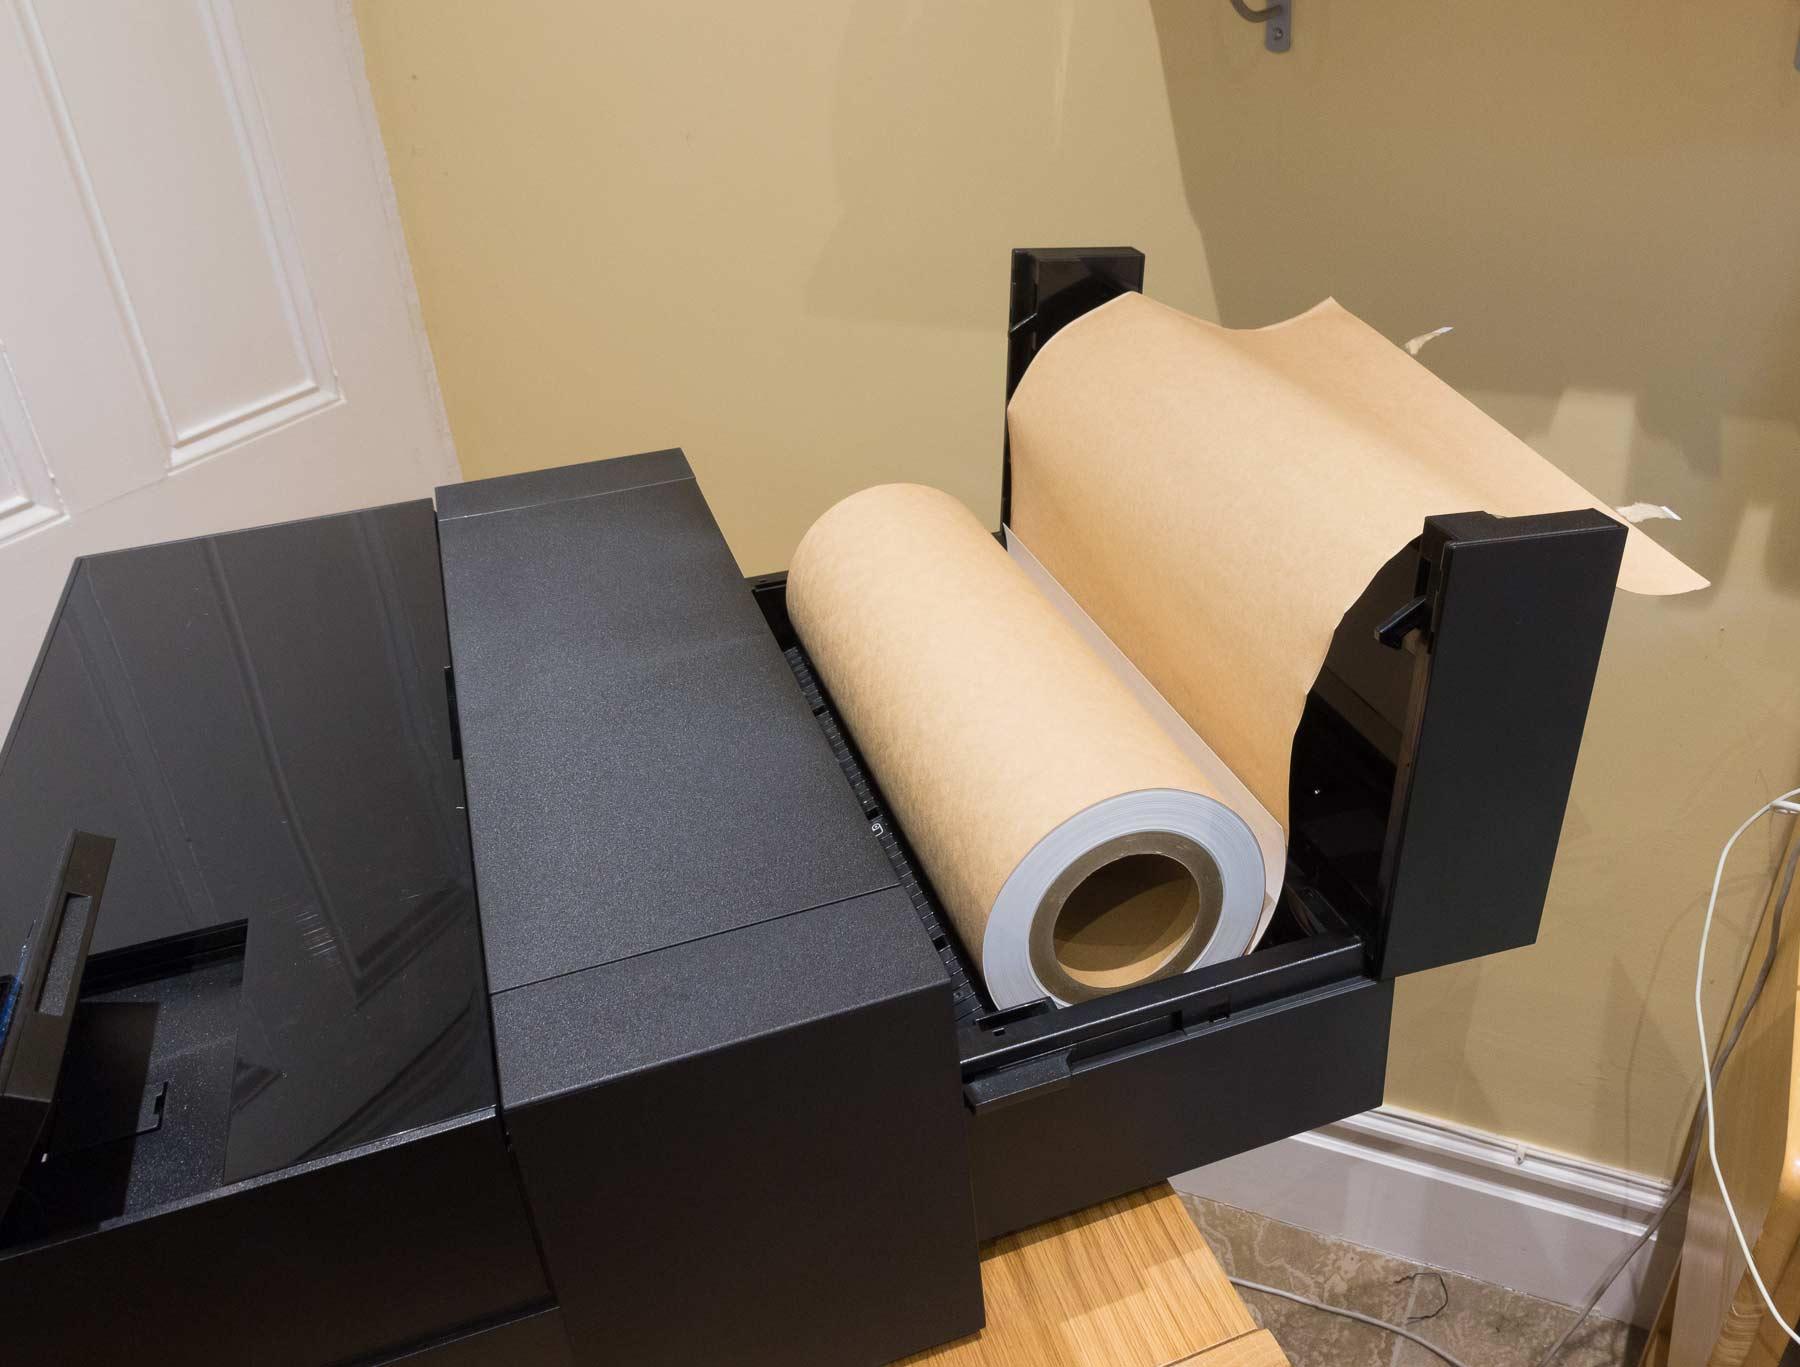 remove-brown-paper